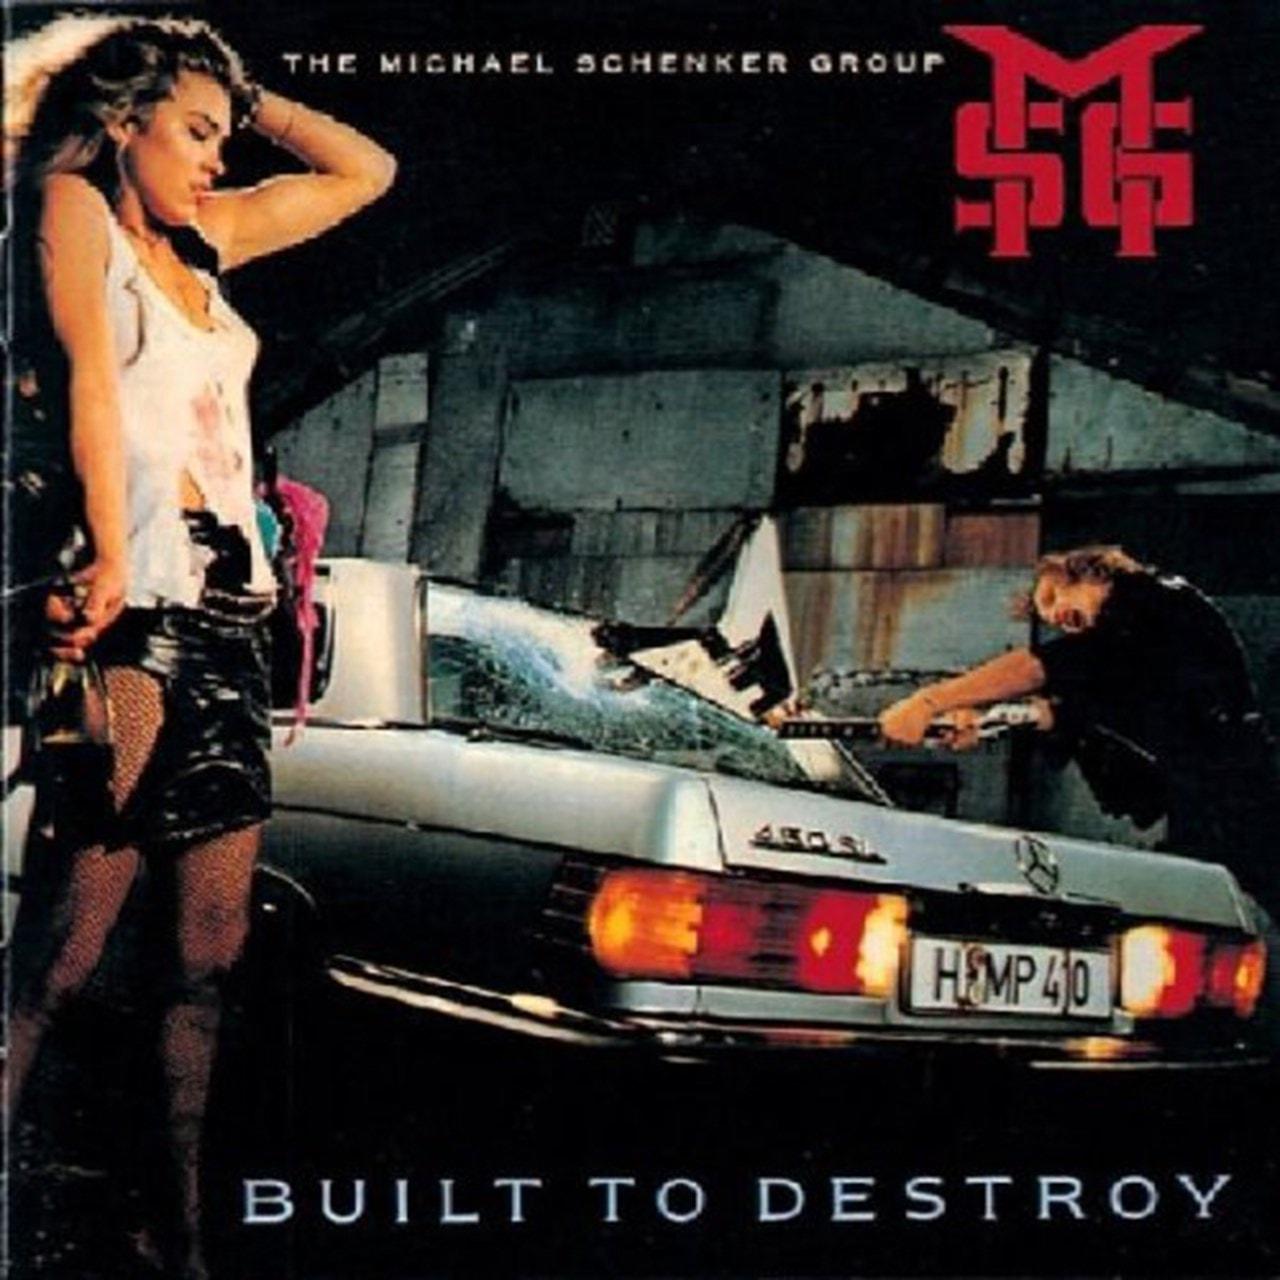 Built to Destroy - 1